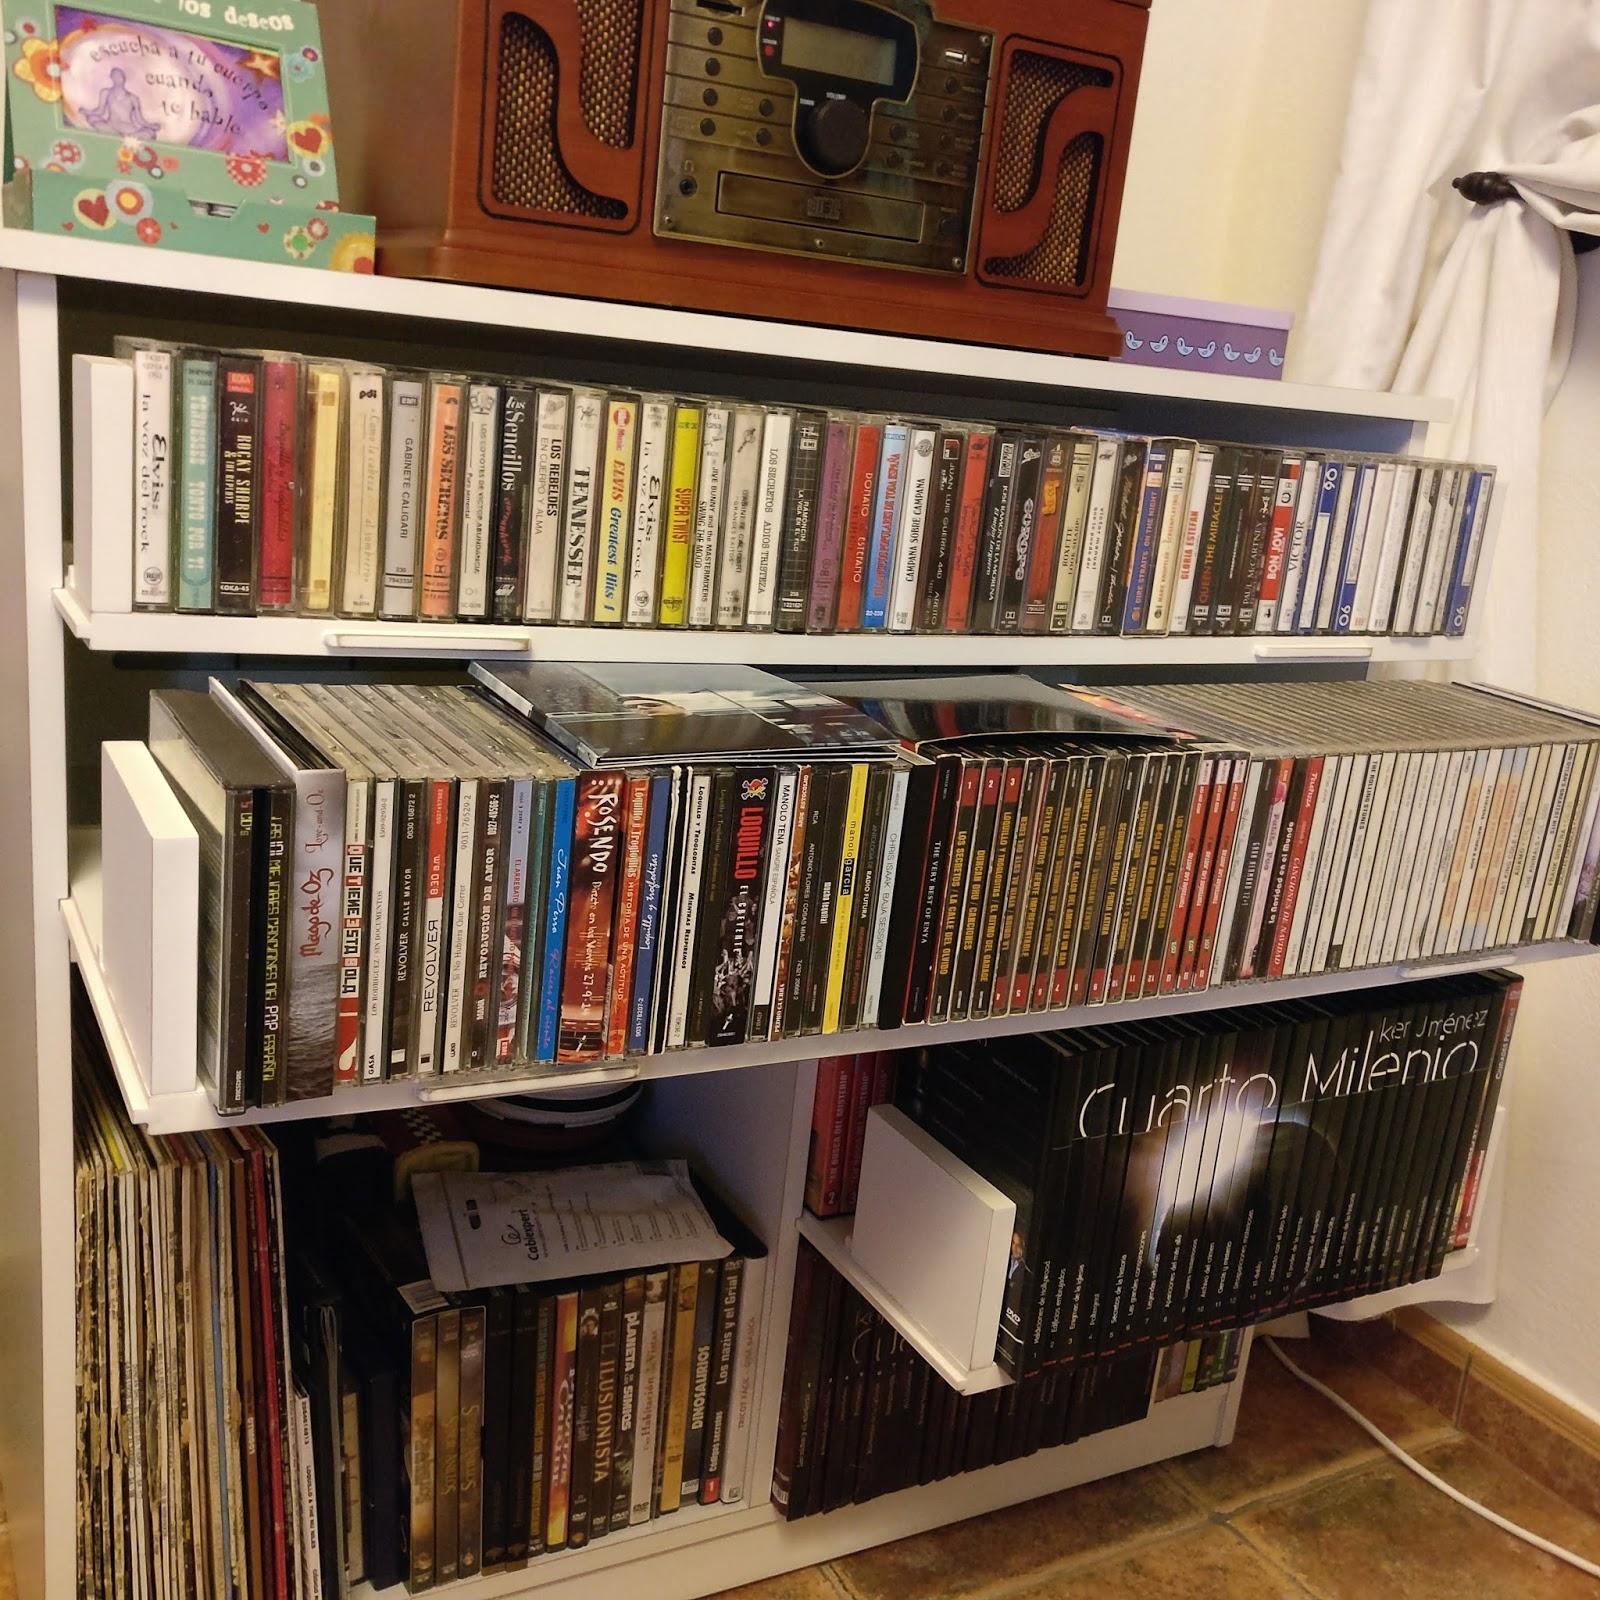 El rincon del mueble mueble para vinilos cd cassete y dvd - Vinilos para muebles ...